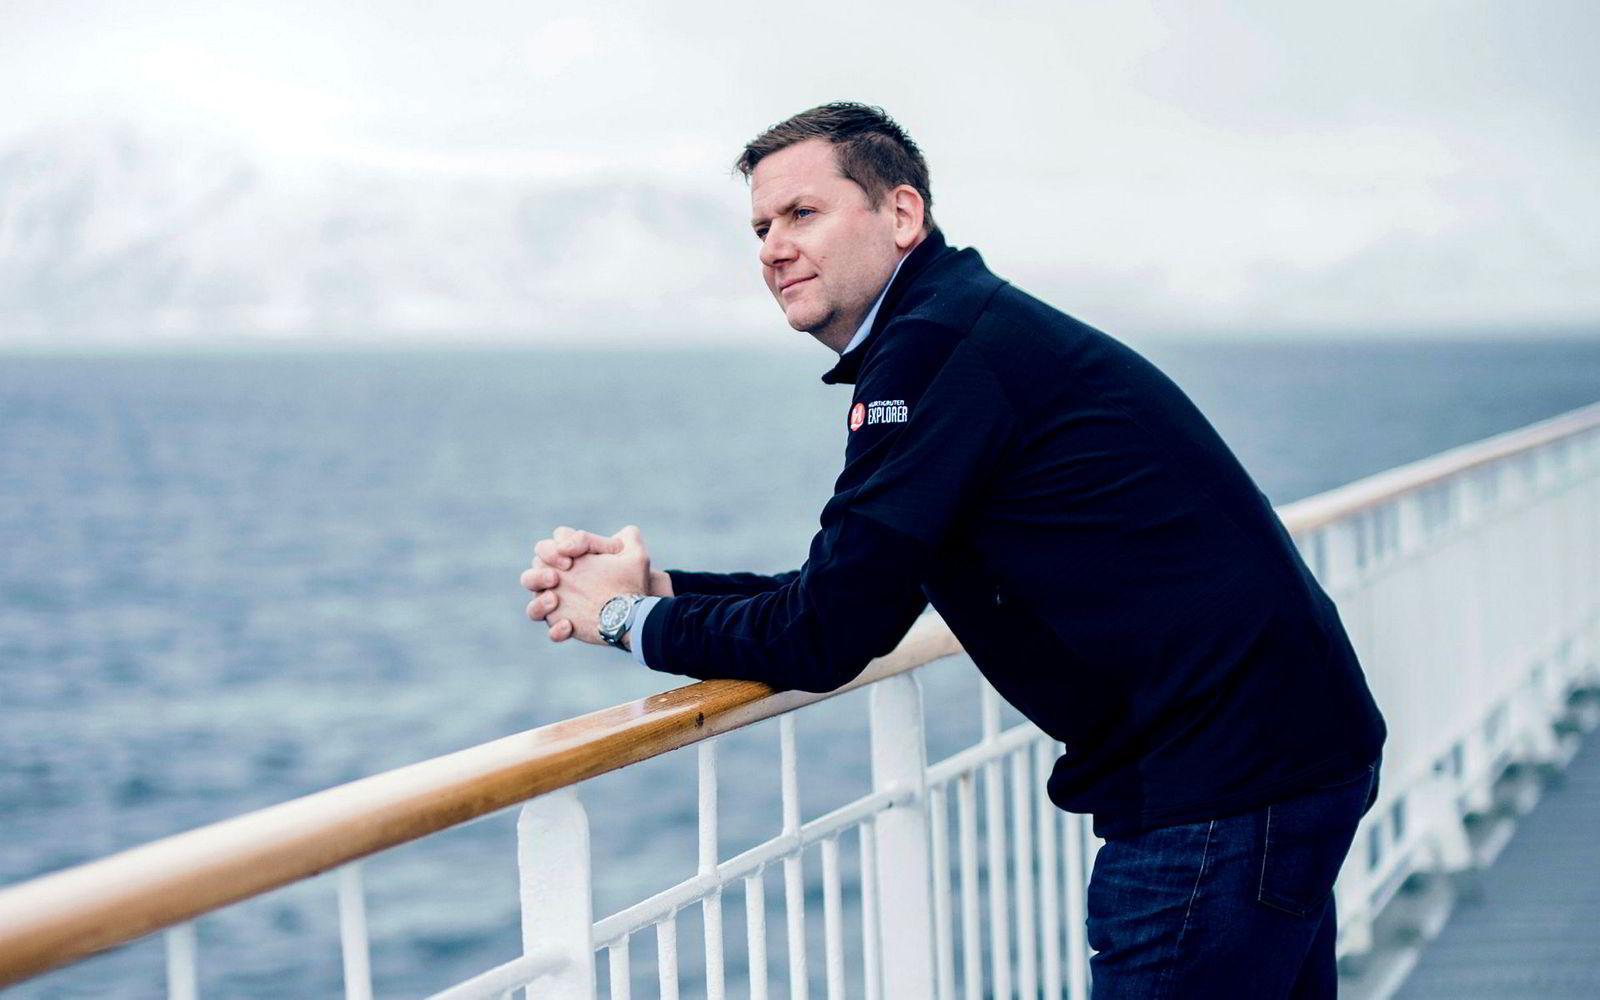 Daniel Skjeldam, administrerende direktør for Hurtigruten, sier han er kjempefan av å skille ut reiselivsdivisjonen fra Innovasjon Norge og etablere et nytt selskap der næringen får større innflytelse.